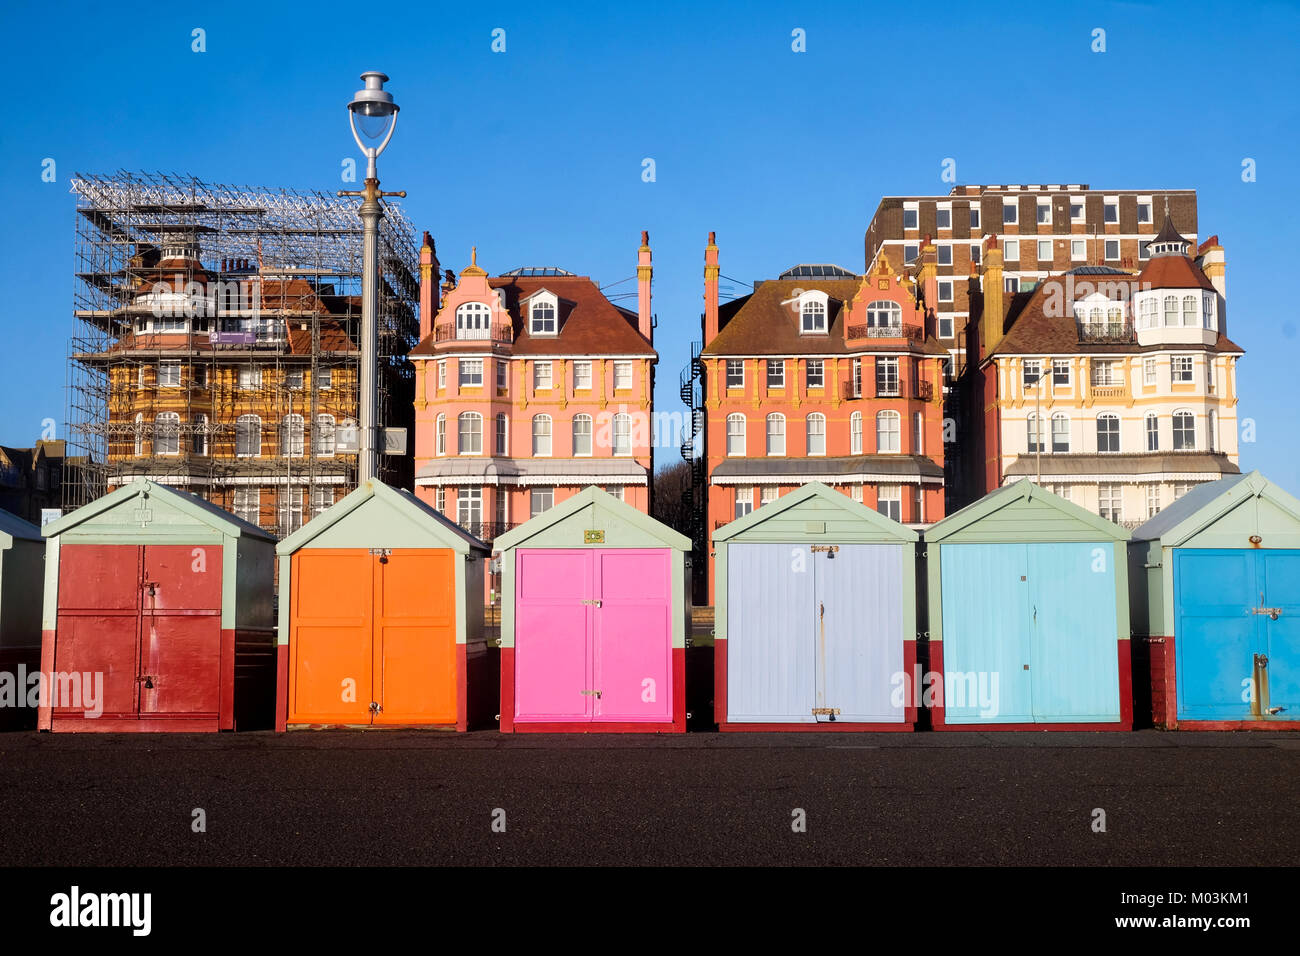 Brighton Seafront 7 multi beach capanne, dietro è cielo blu e tre molto ornati edifici vittoriani di uno degli Immagini Stock